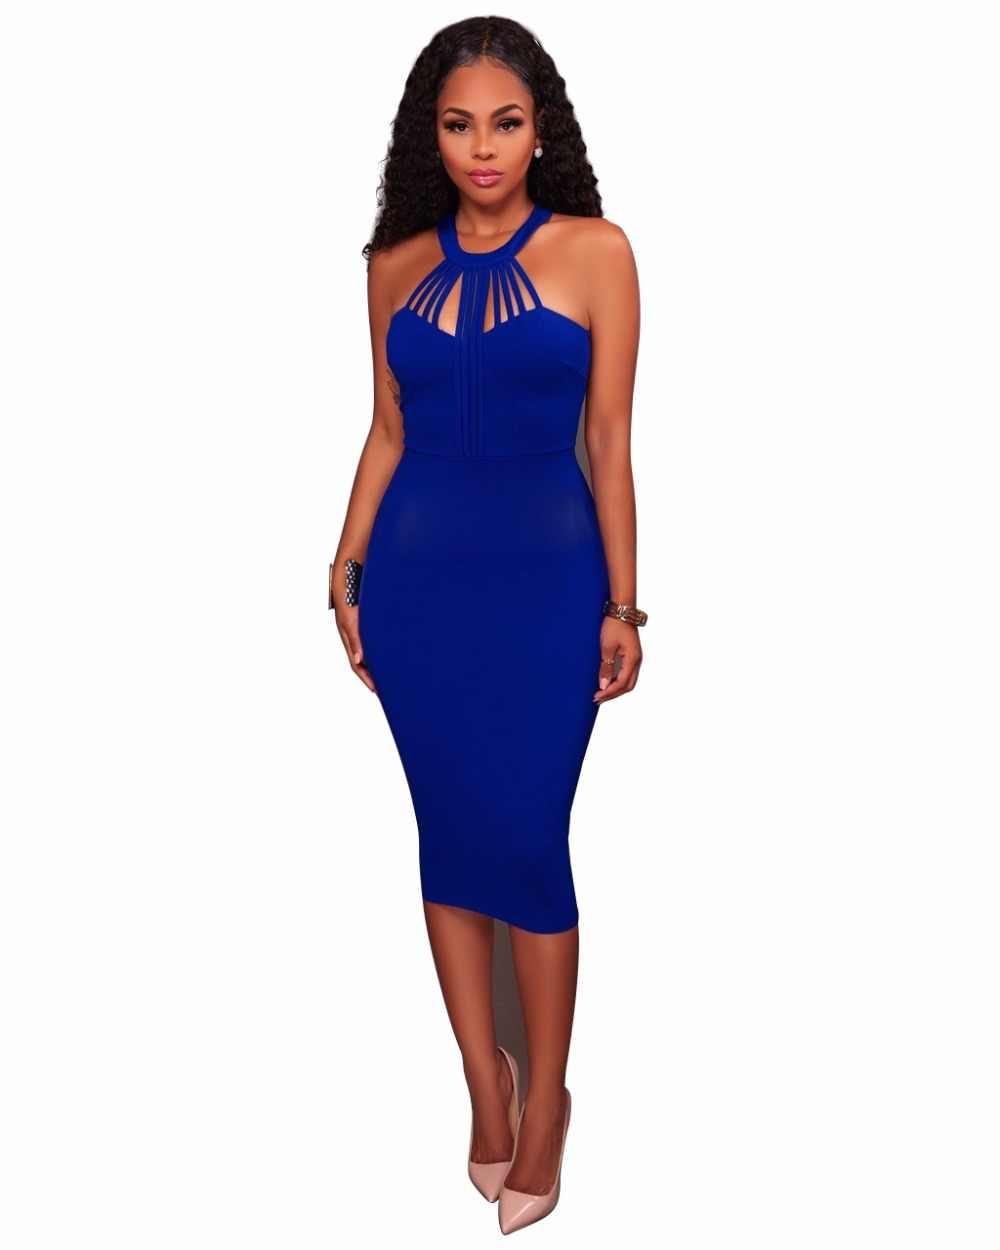 78a262739da Новинка 2017 года Сексуальное Нижнее Женское платье без рукавов Сельма  повязку Bodycon платье для Для женщин